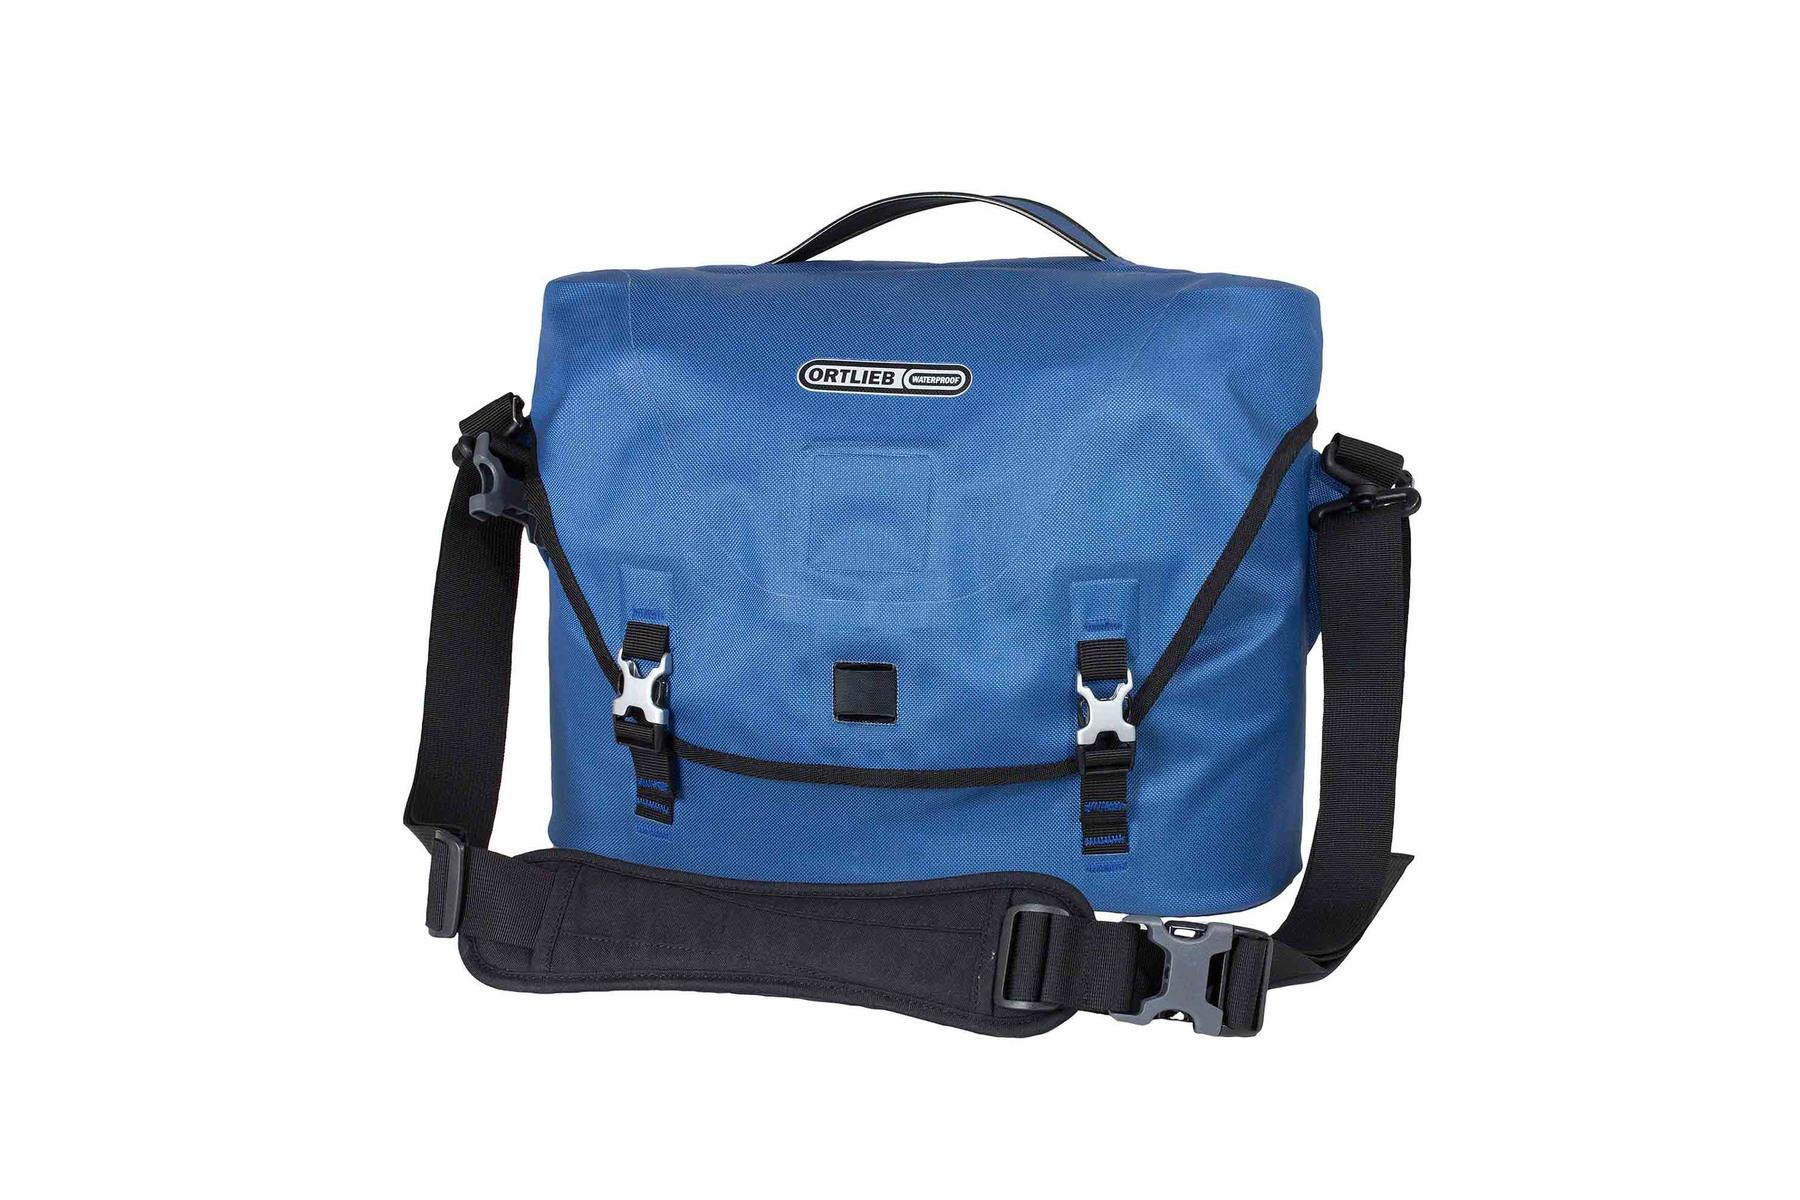 Courier Bag City sac en bandoulière 11 l Lqm6Wt4mn